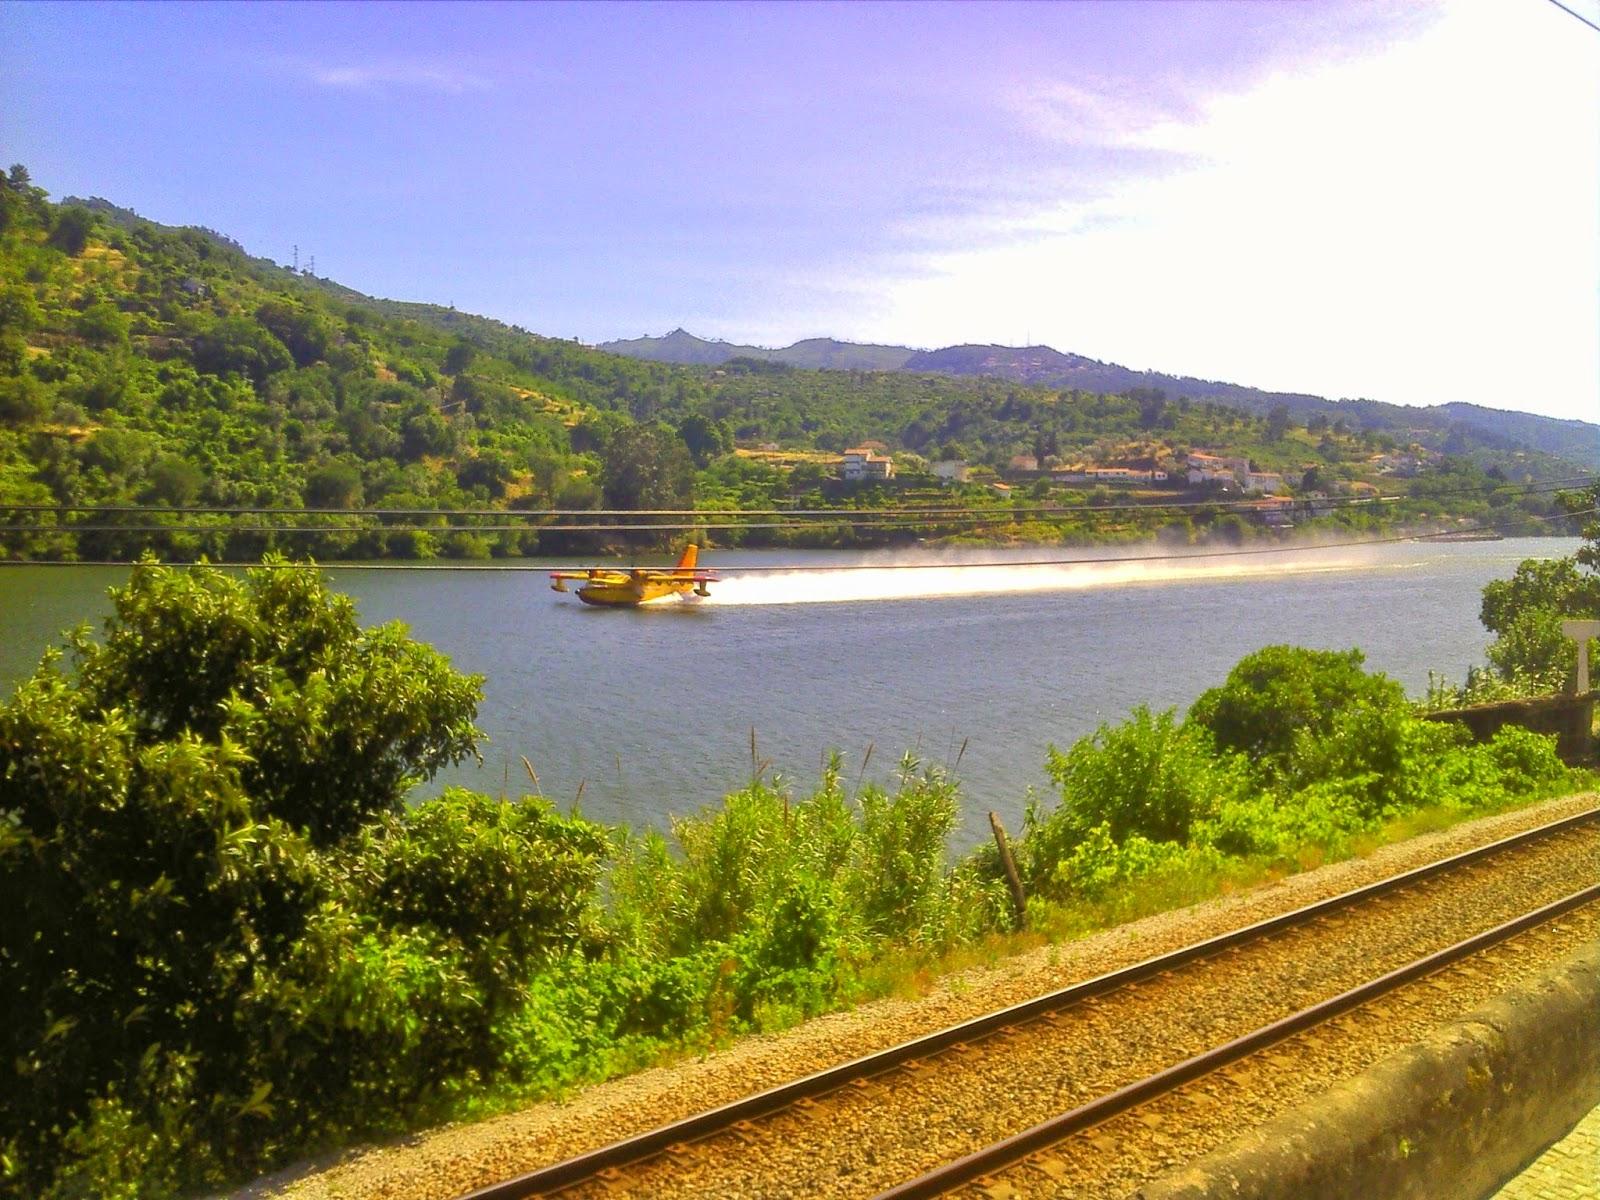 Abastecimento de água dos Canadair nas margens do Rio Douro, Resende - Baião